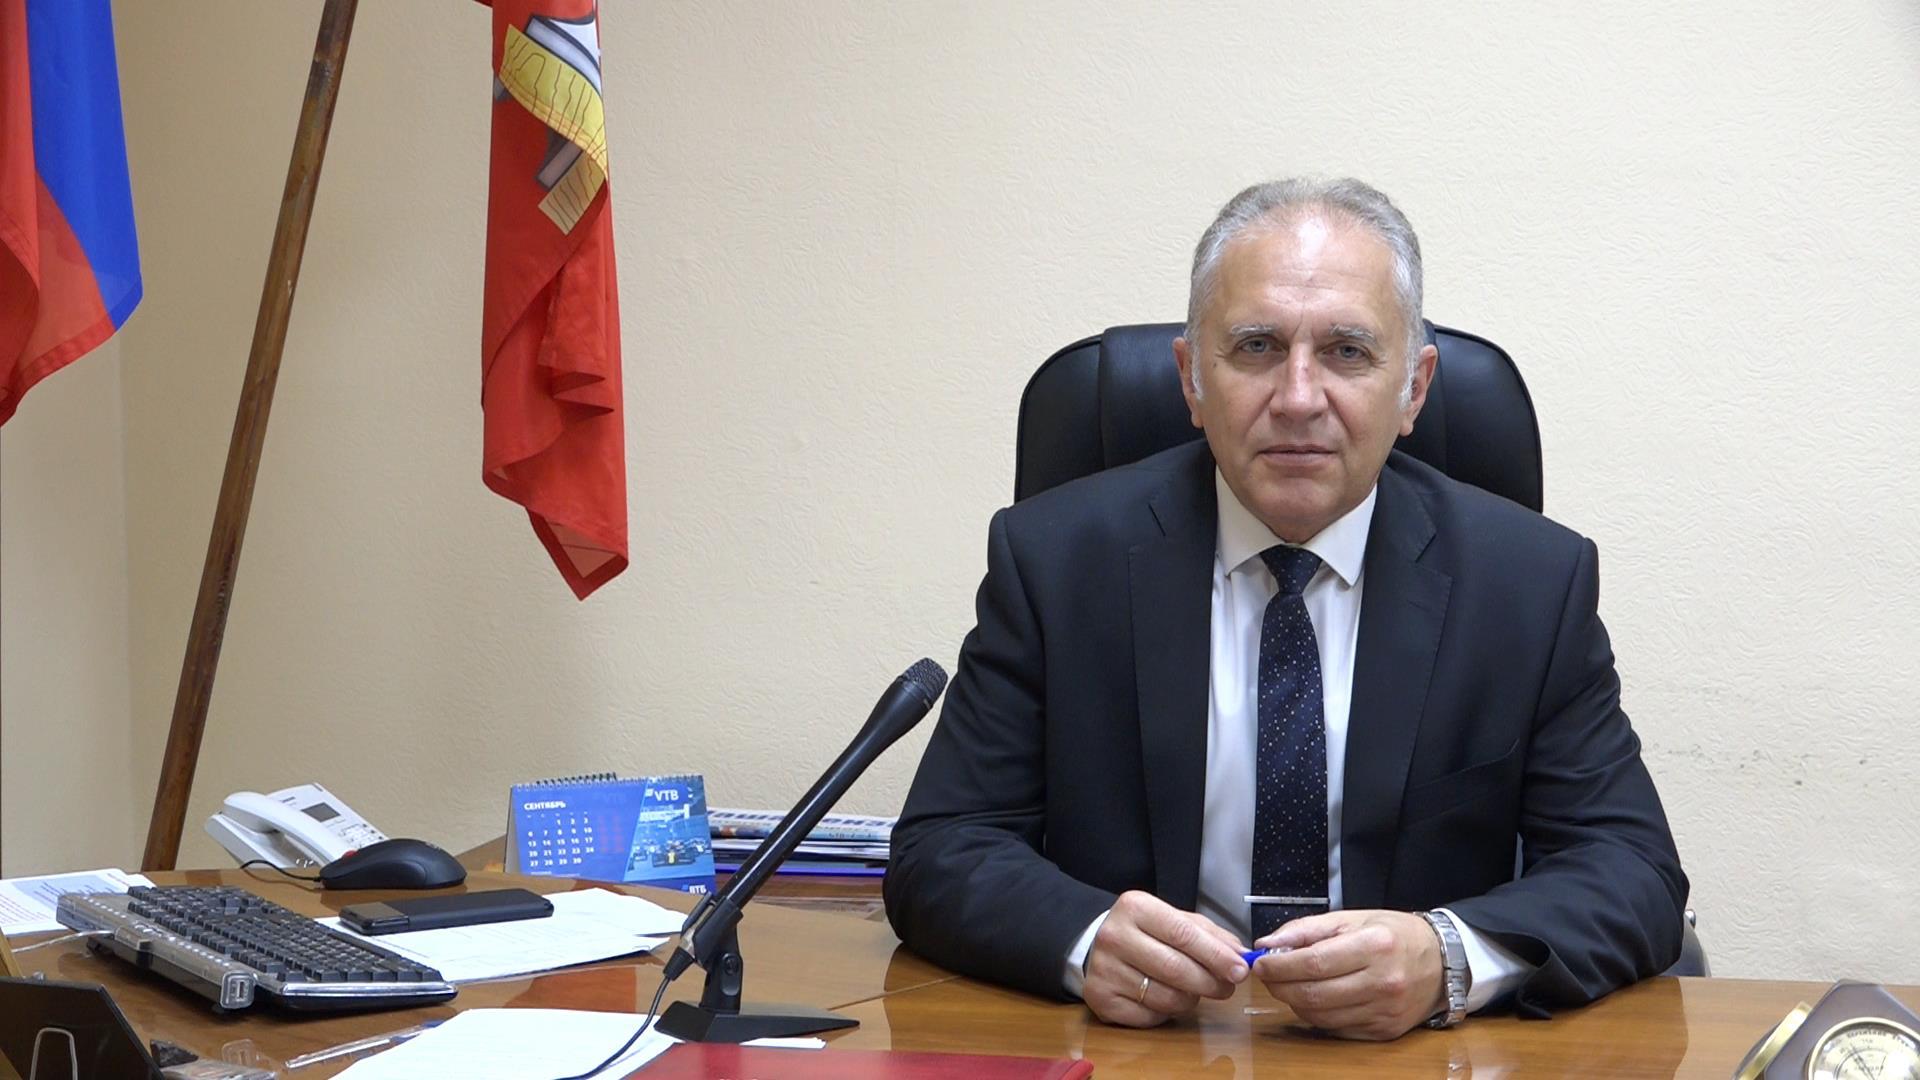 Поздравление главы администрации города Кузнецка Сергея Златогорского с Днем учителя